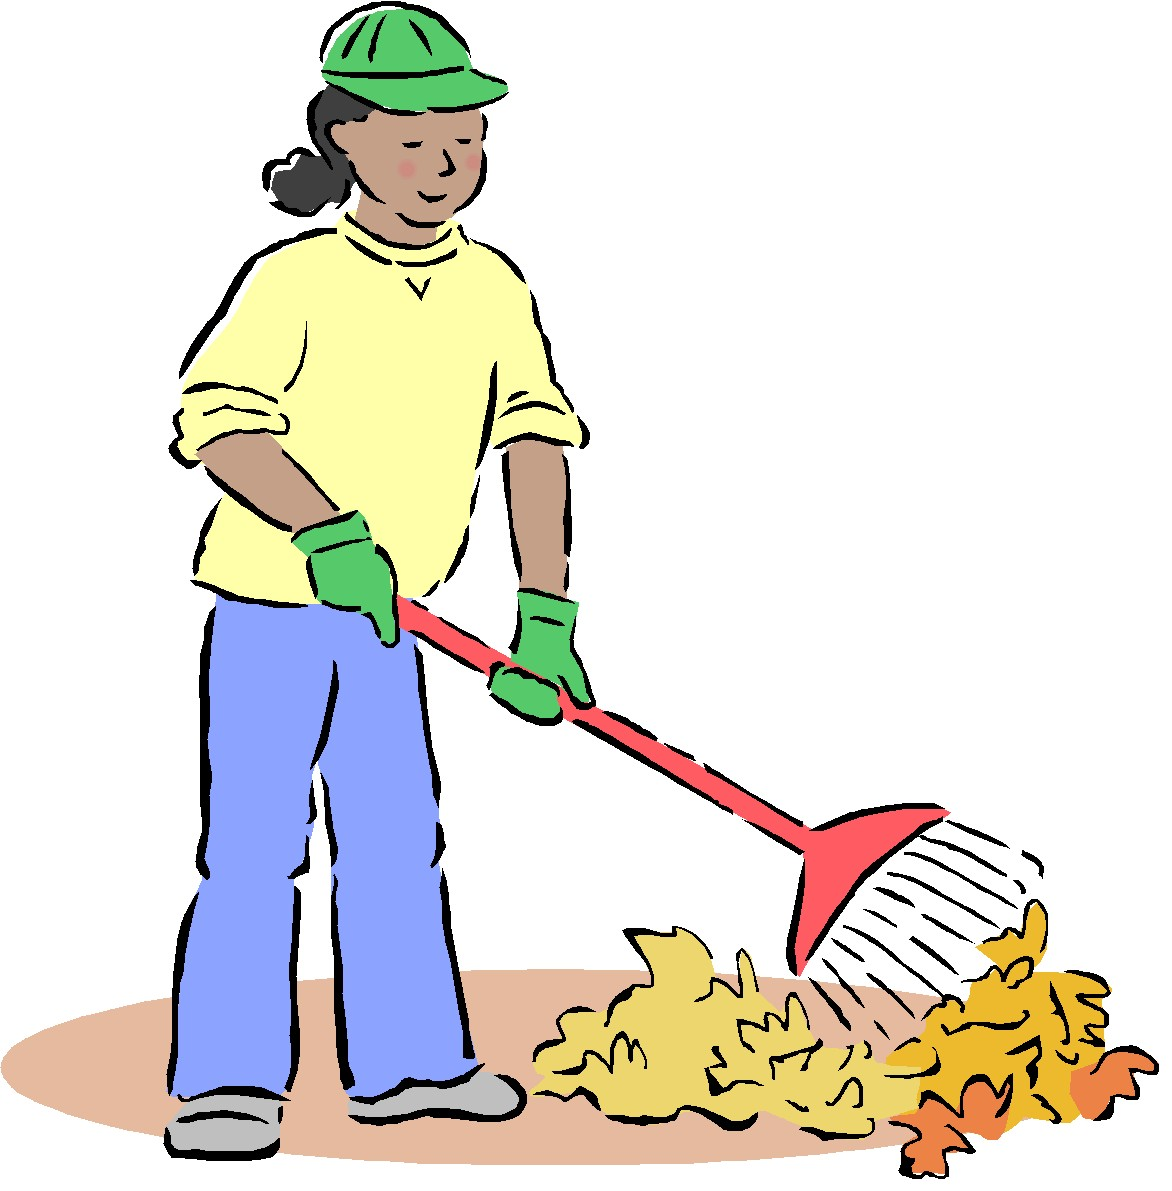 بالصور موضوع عن النظافة العامة , سلوكيات حضارية 514 2